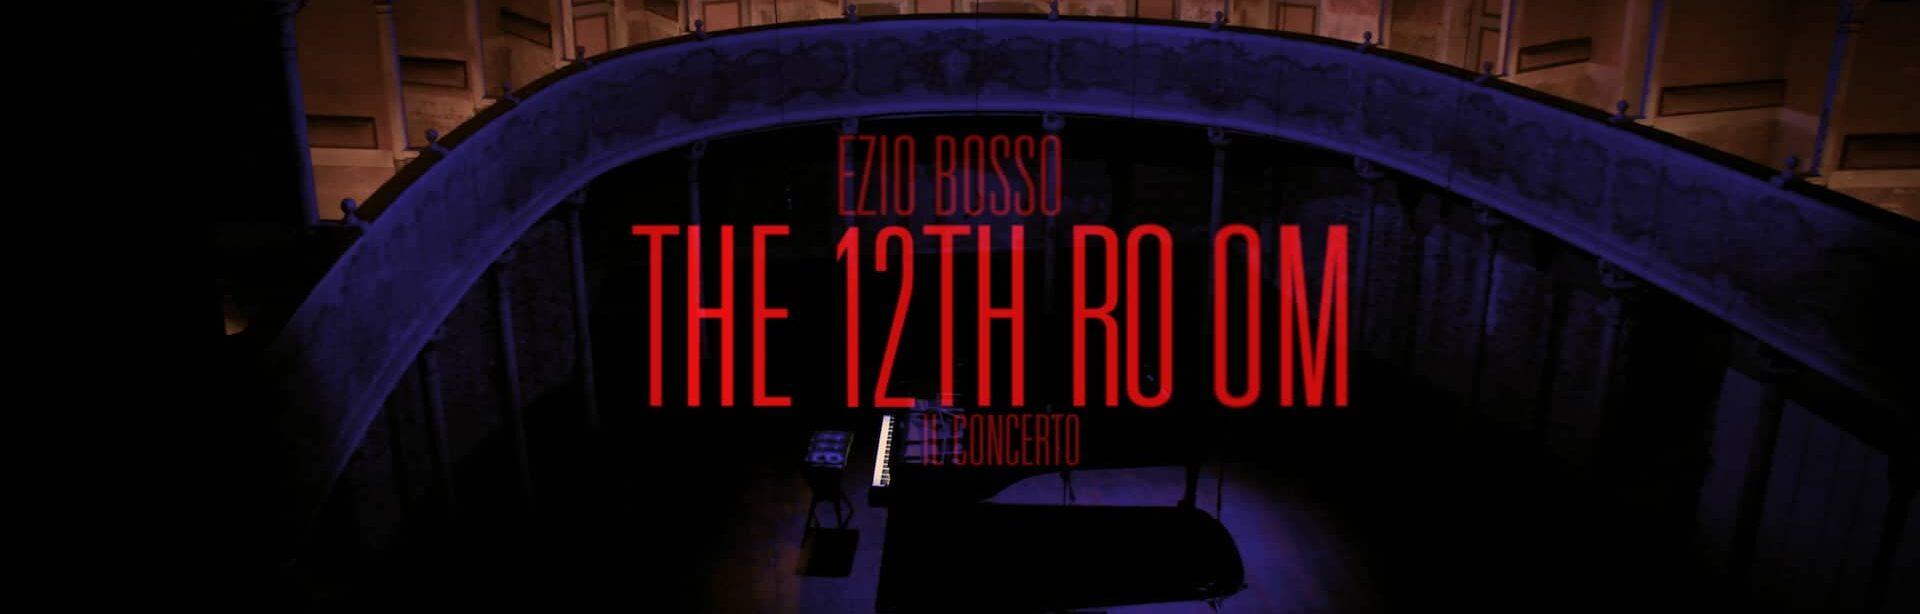 EZIO BOSSO  ・ The 12 room